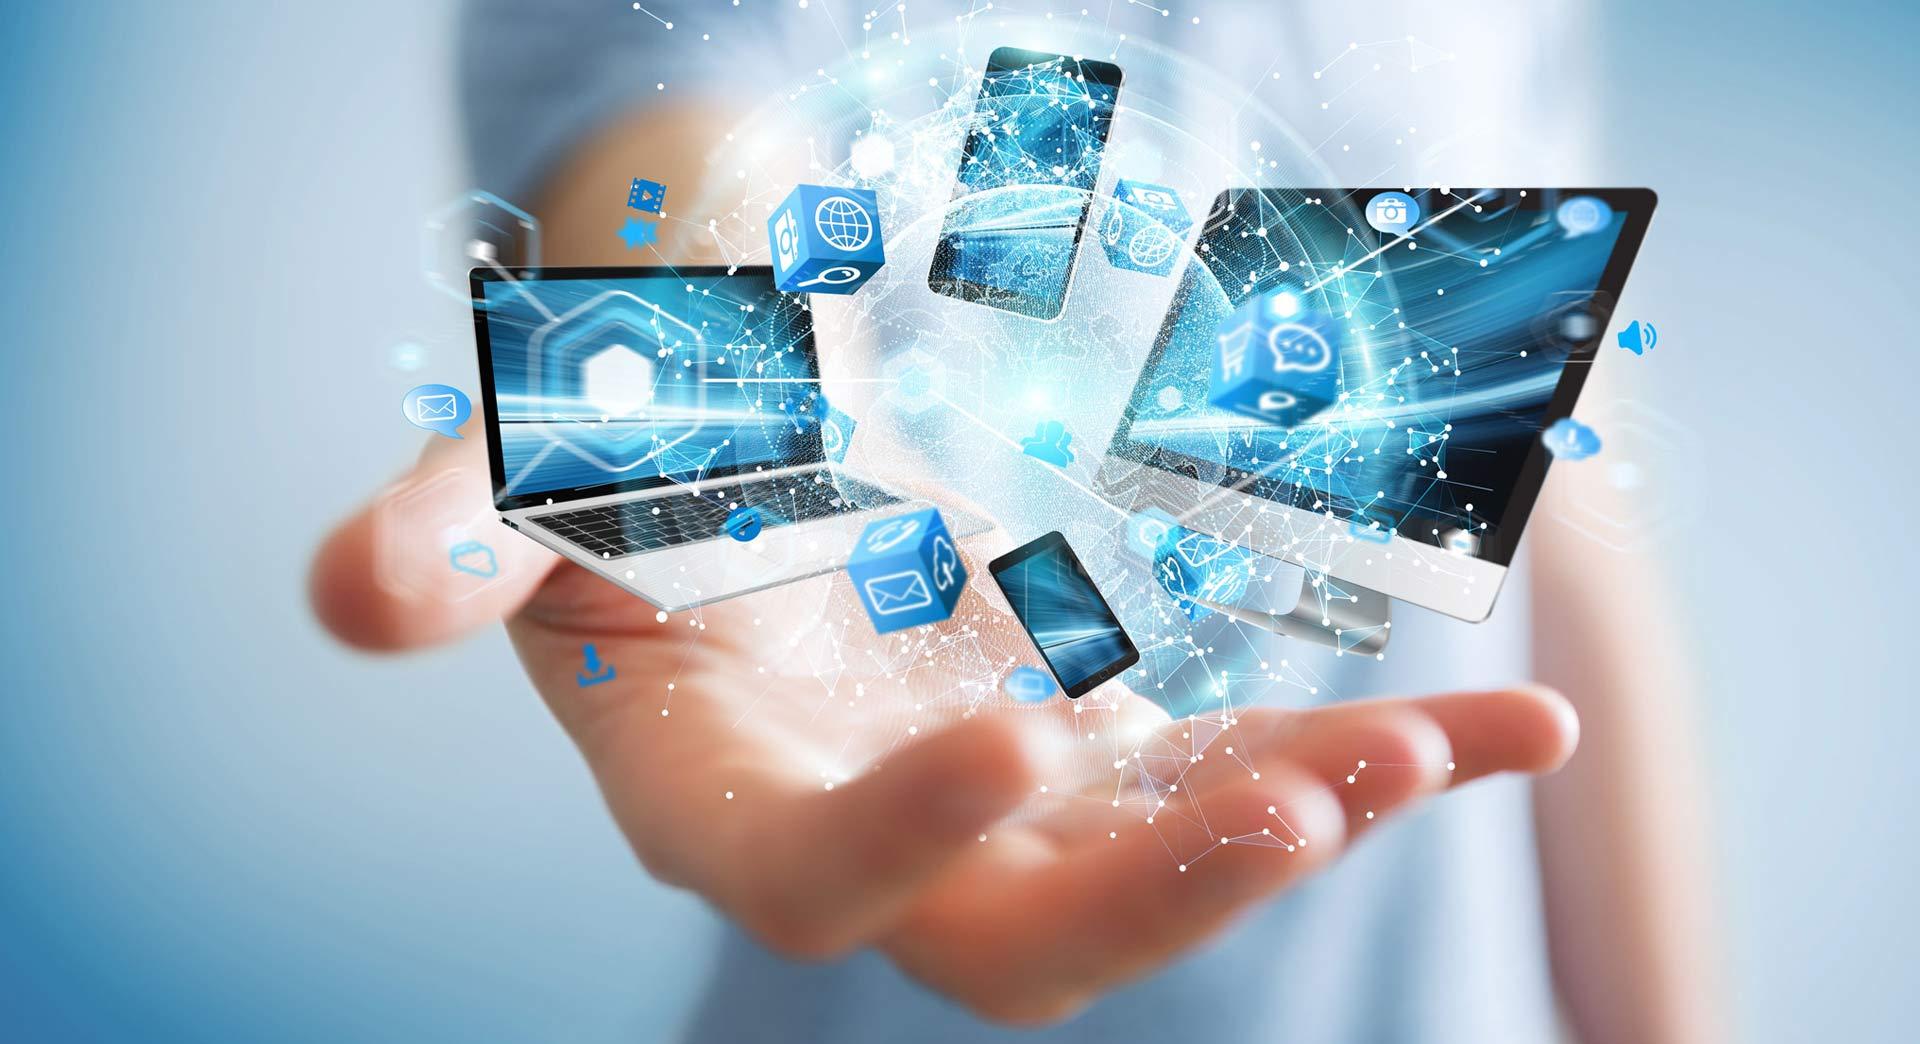 Полный базовый курс по бизнес возможностям социальных сетей для начинающих